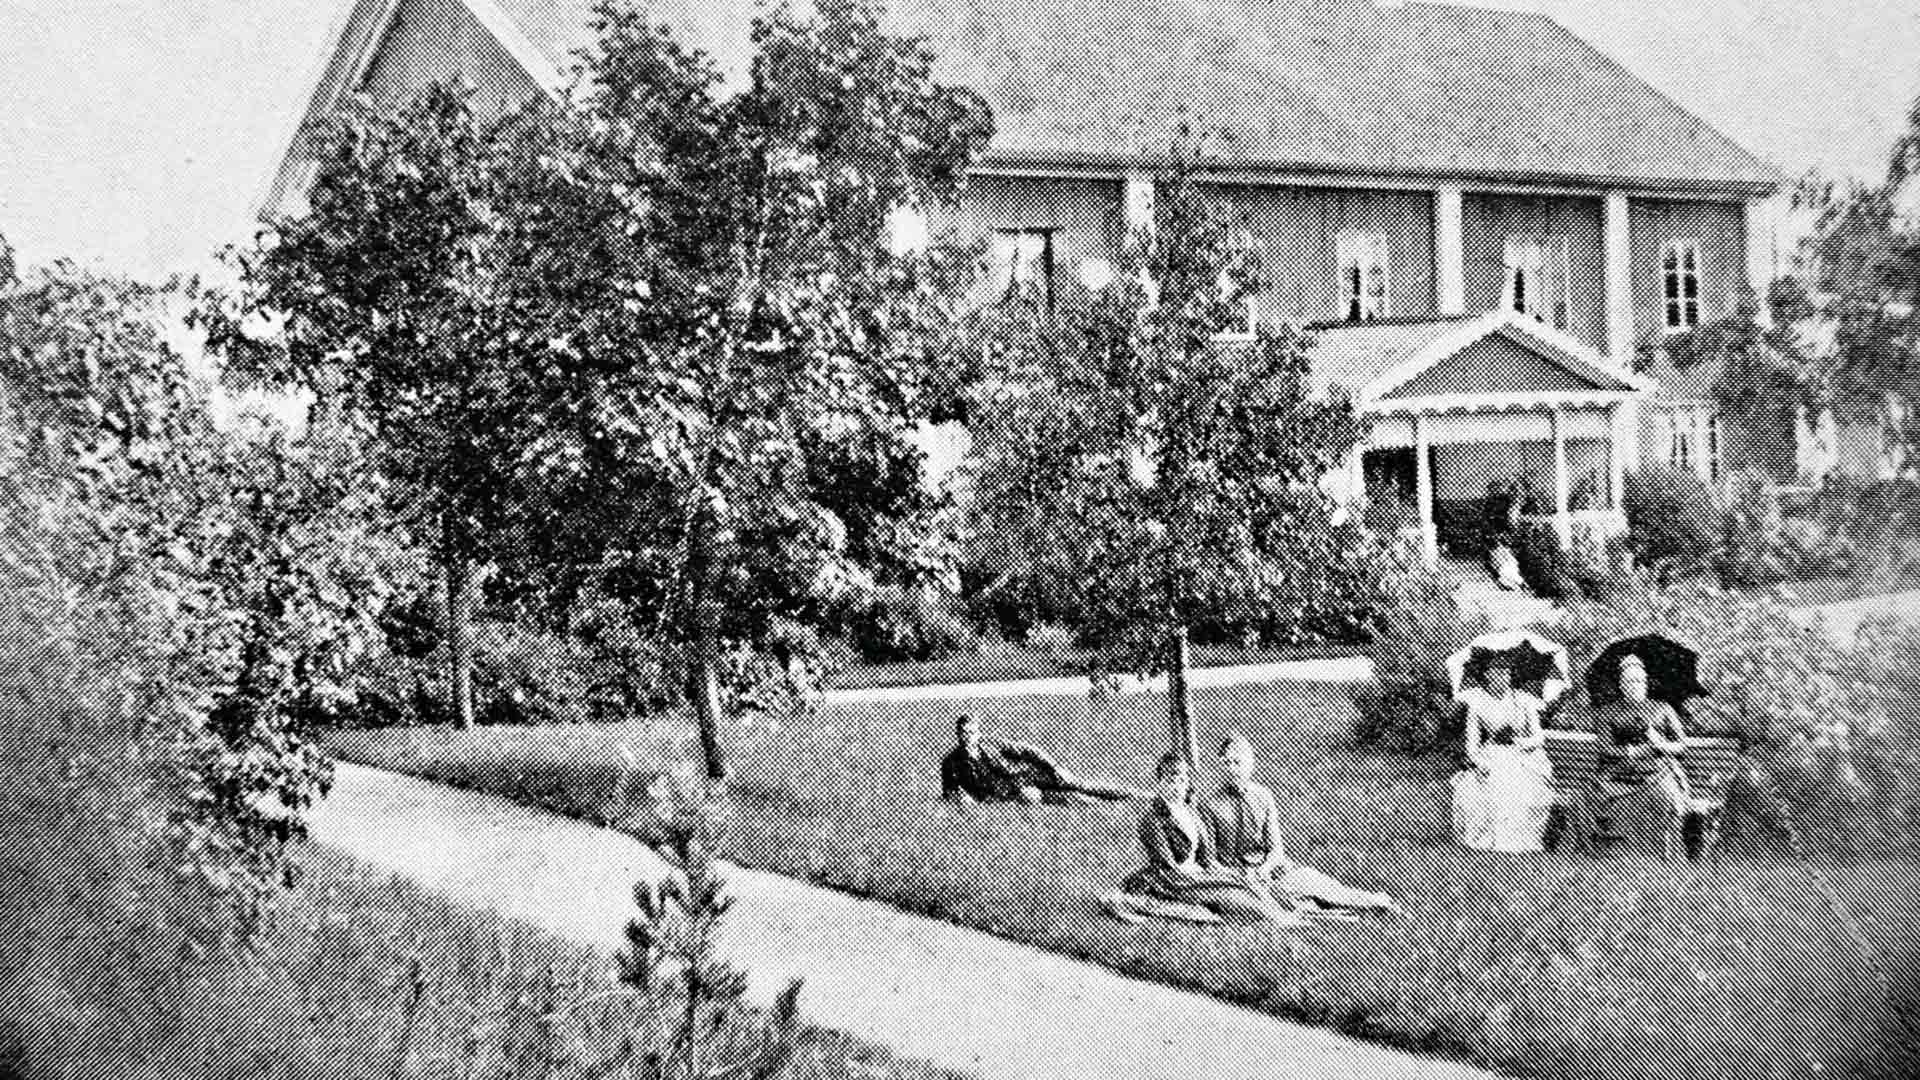 Honkolan kartano valokuvattuna 1890-luvulla.